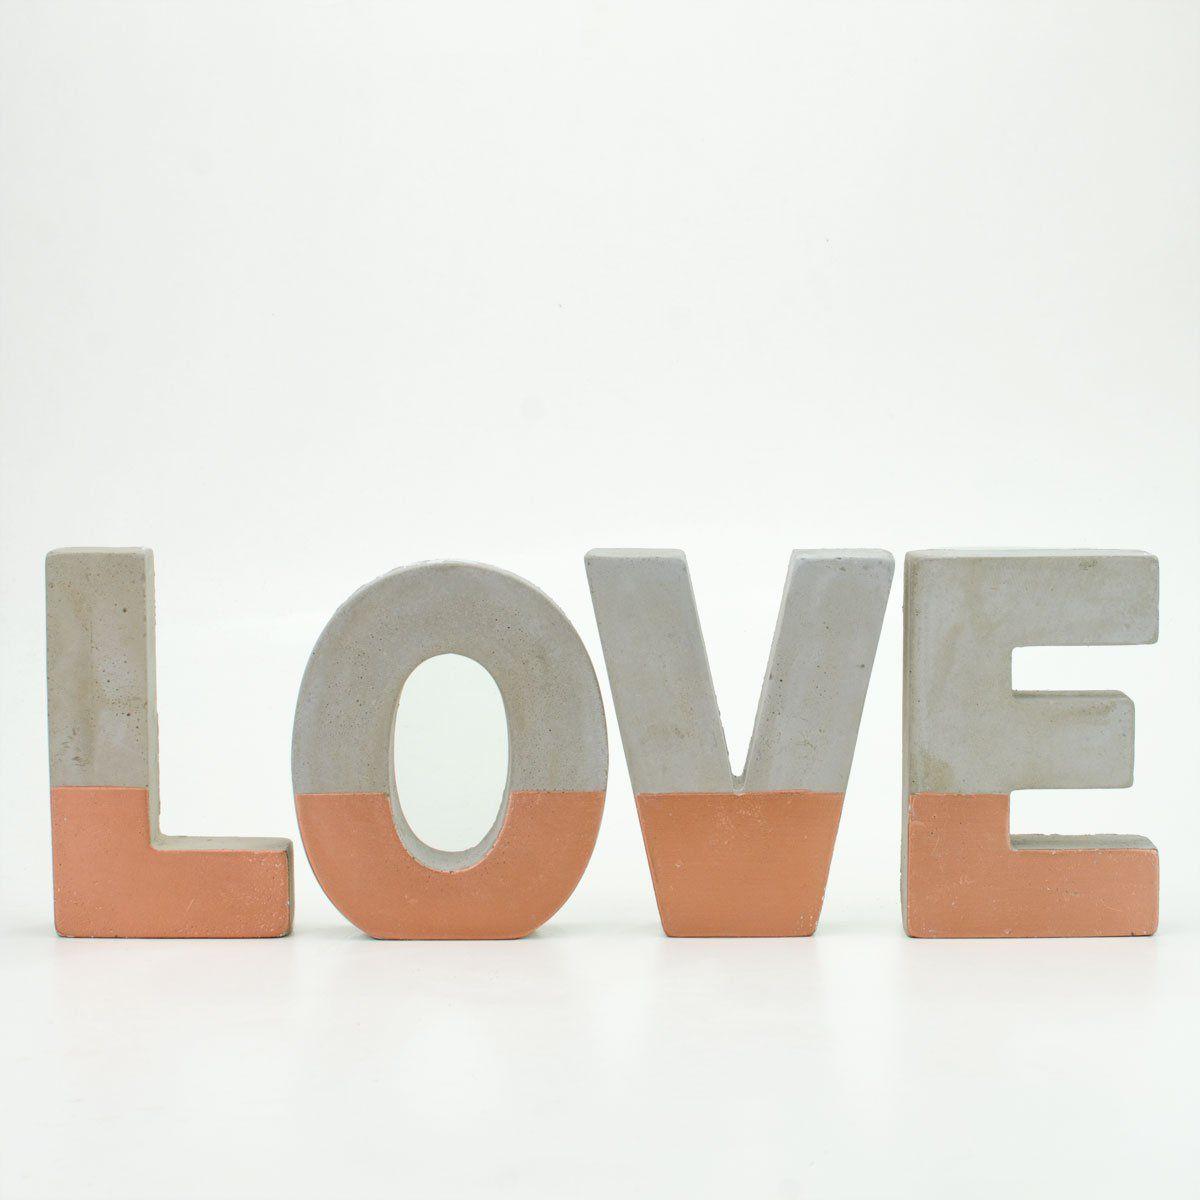 Palavra Love Decorativo Cobre Em Cimento 33X11,5CM 7692